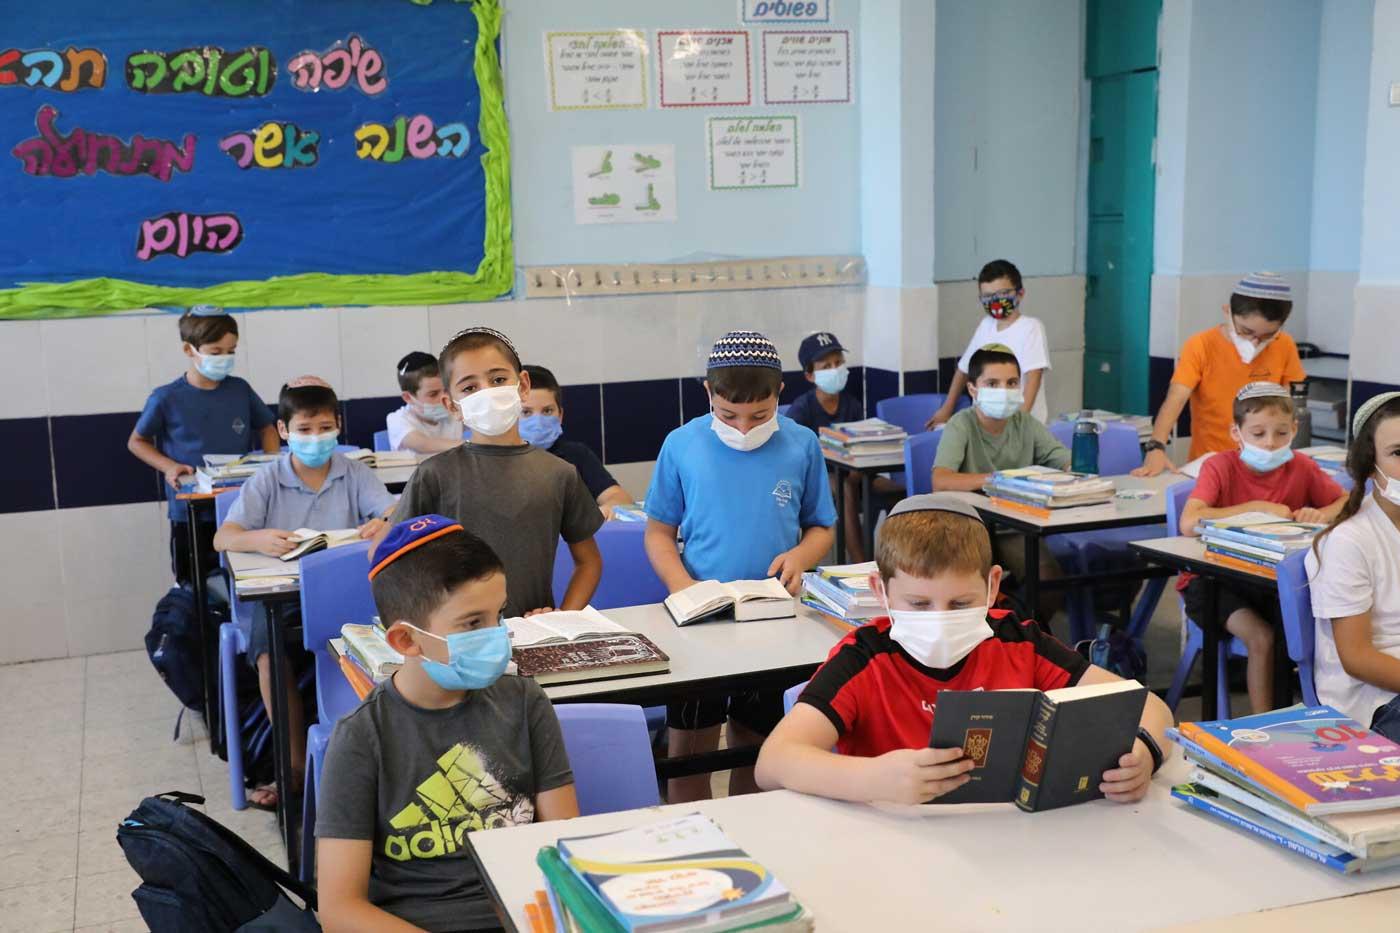 Covid-19 en Israel: Casi 8.000 nuevos casos a medida que se estabiliza la tasa de infección